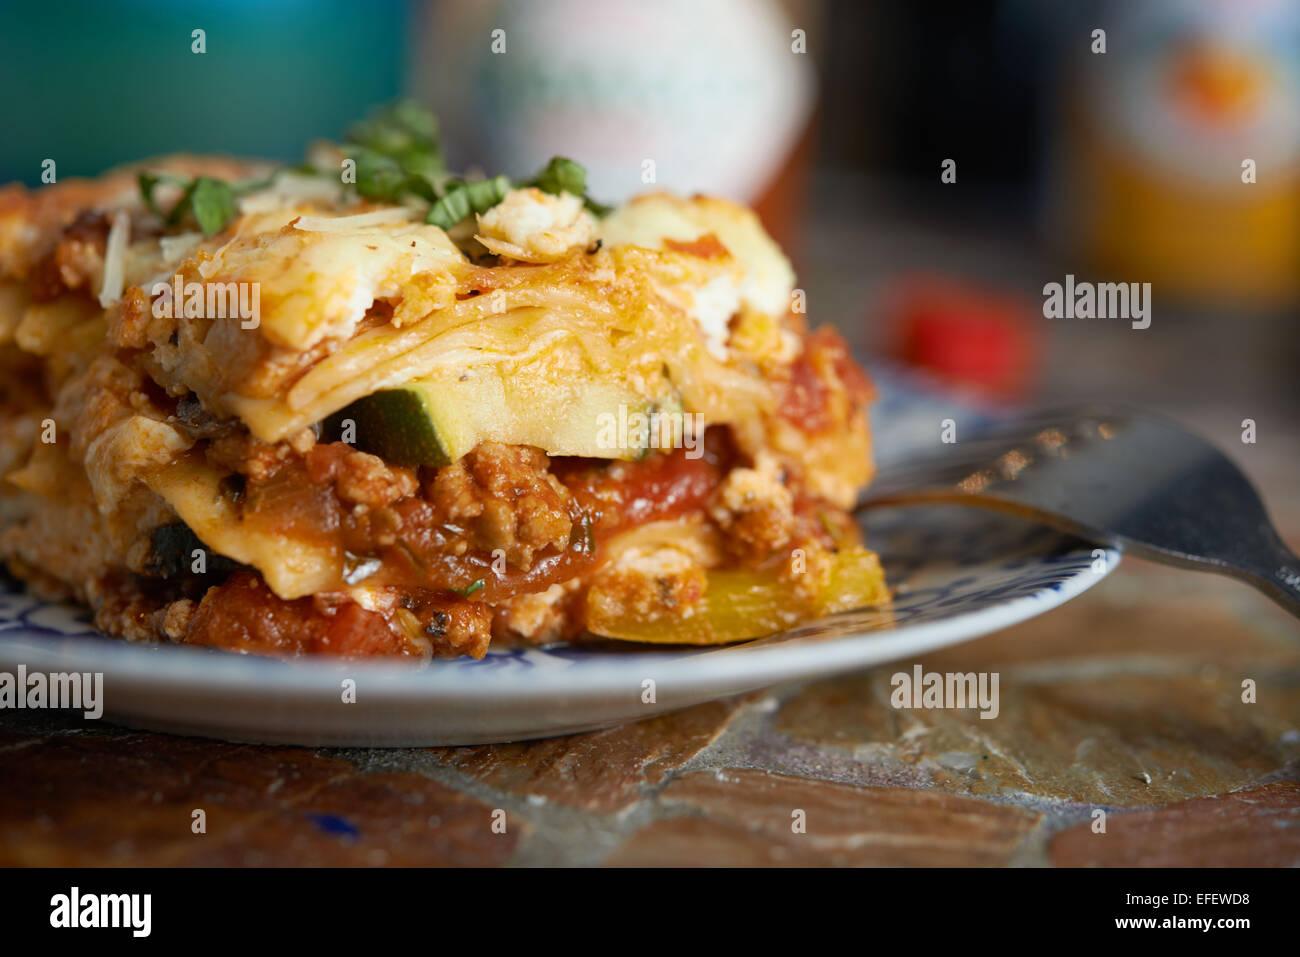 Lasagnes assis sur une assiette avec une fourchette qui sort. La photographie culinaire. Voir SID Photo Stock